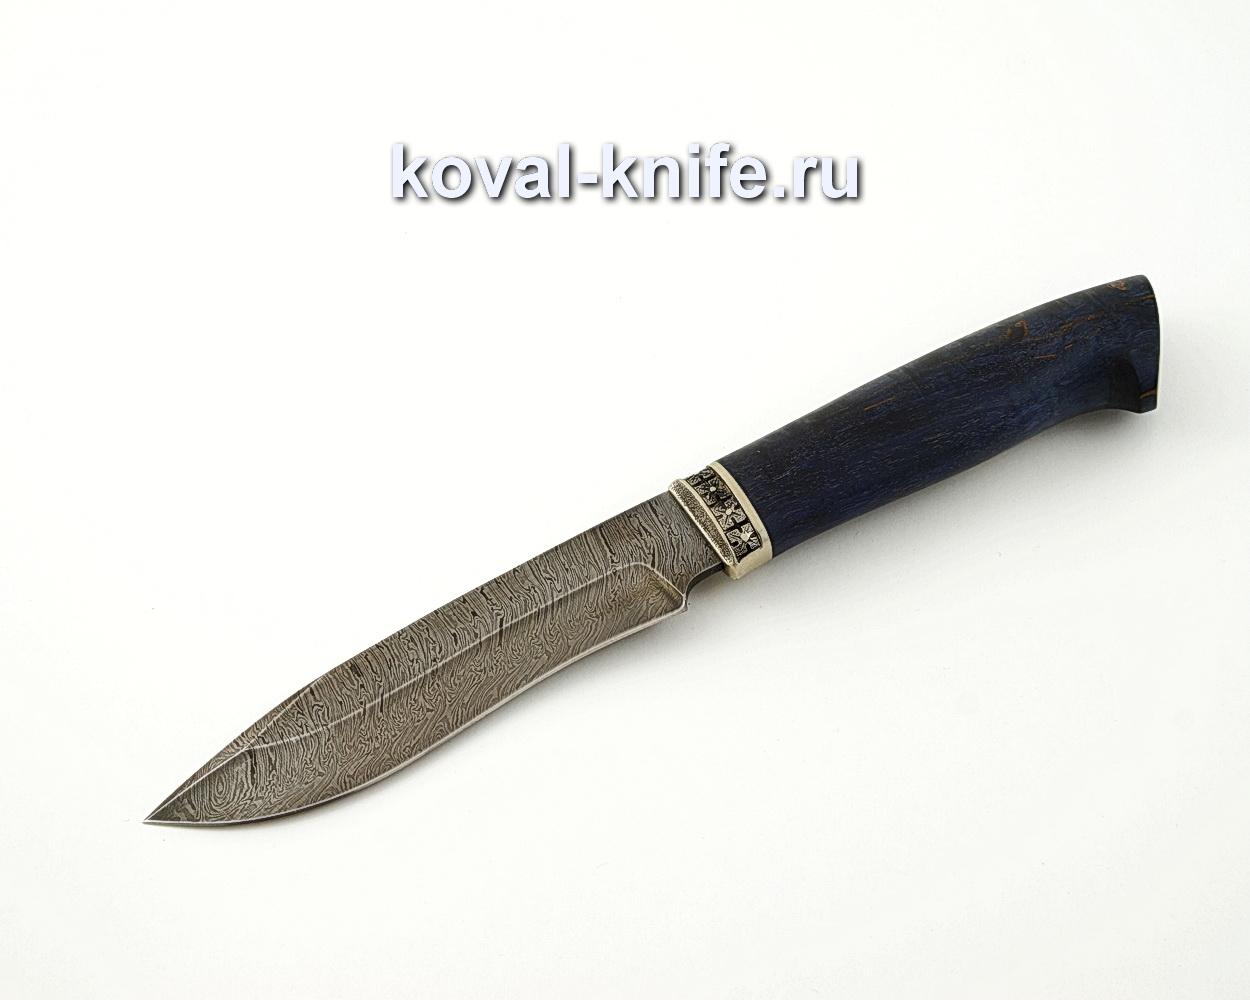 Нож Орлан из дамасской стали с рукоятью из стабилизированной карельской березы, притин мельхиор A569